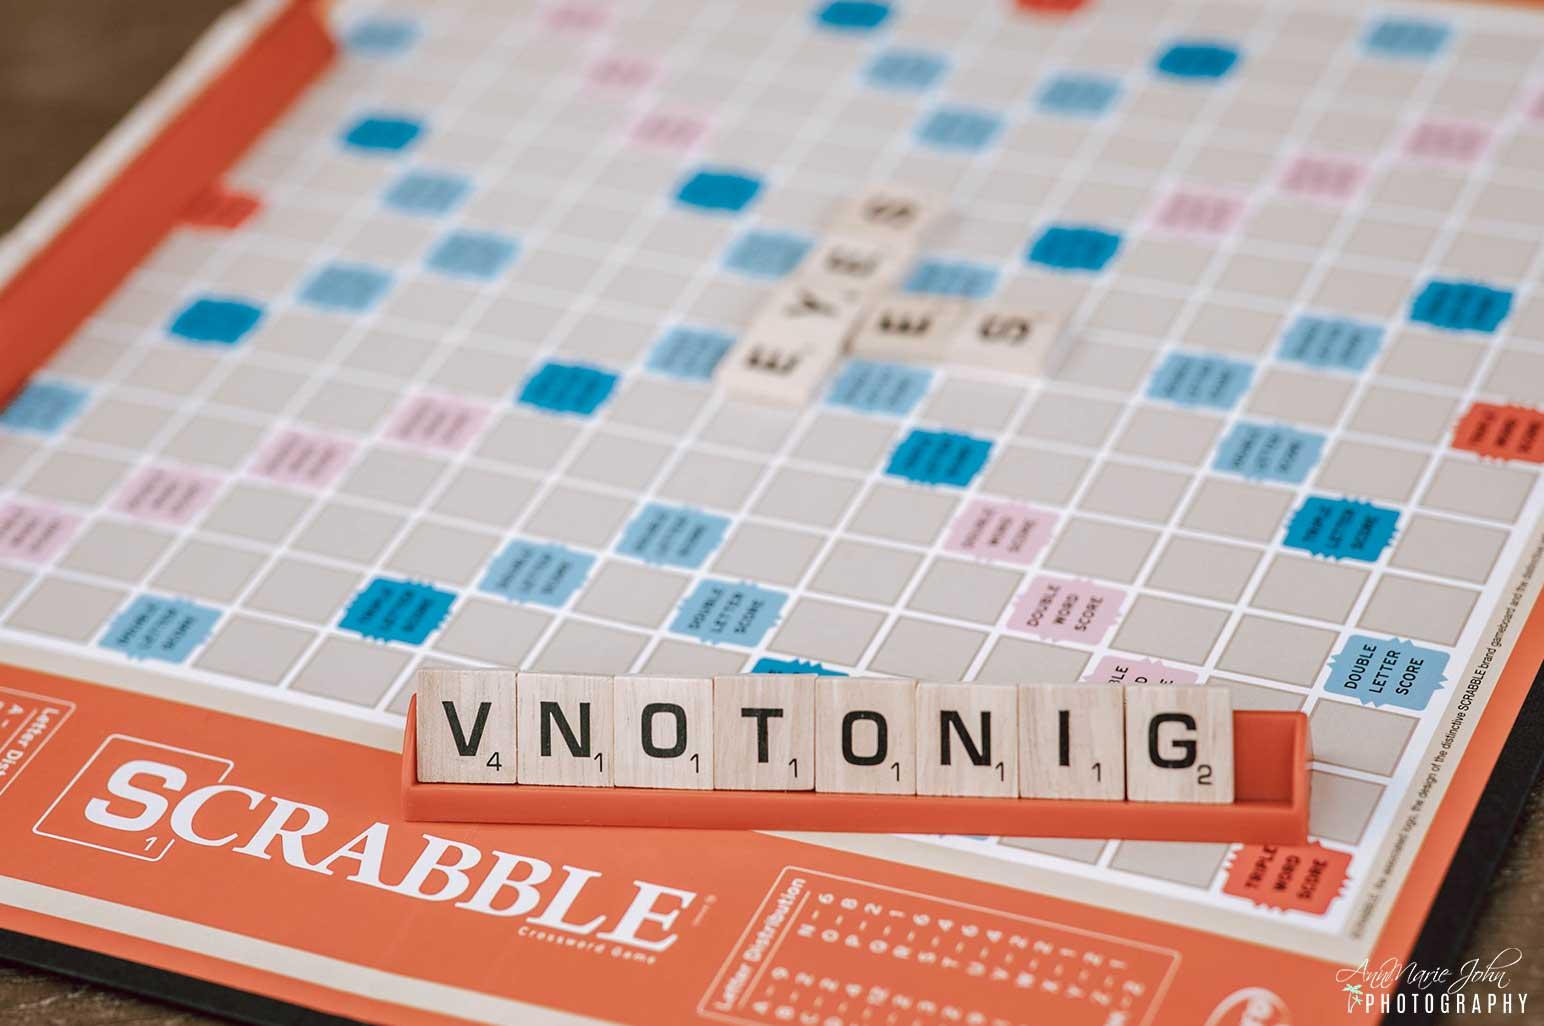 Scrabble Old School Board Game